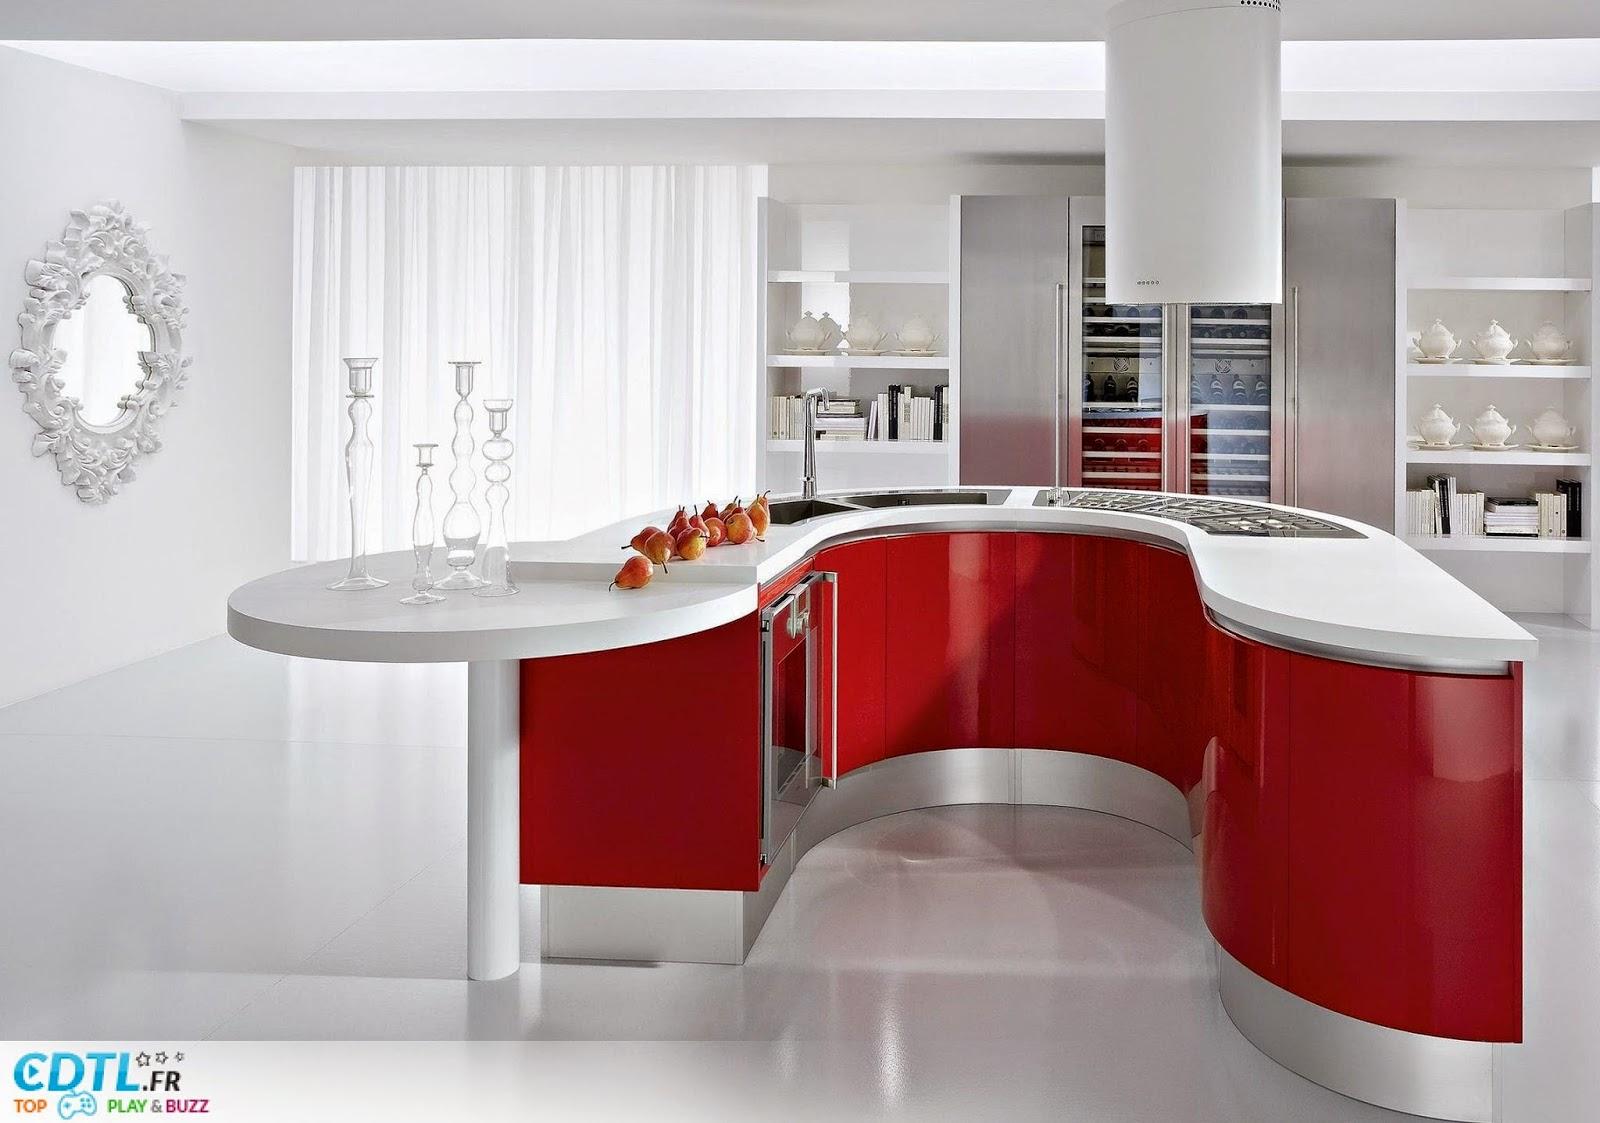 D coration et bricolage cuisine design for Cuisines design 2014